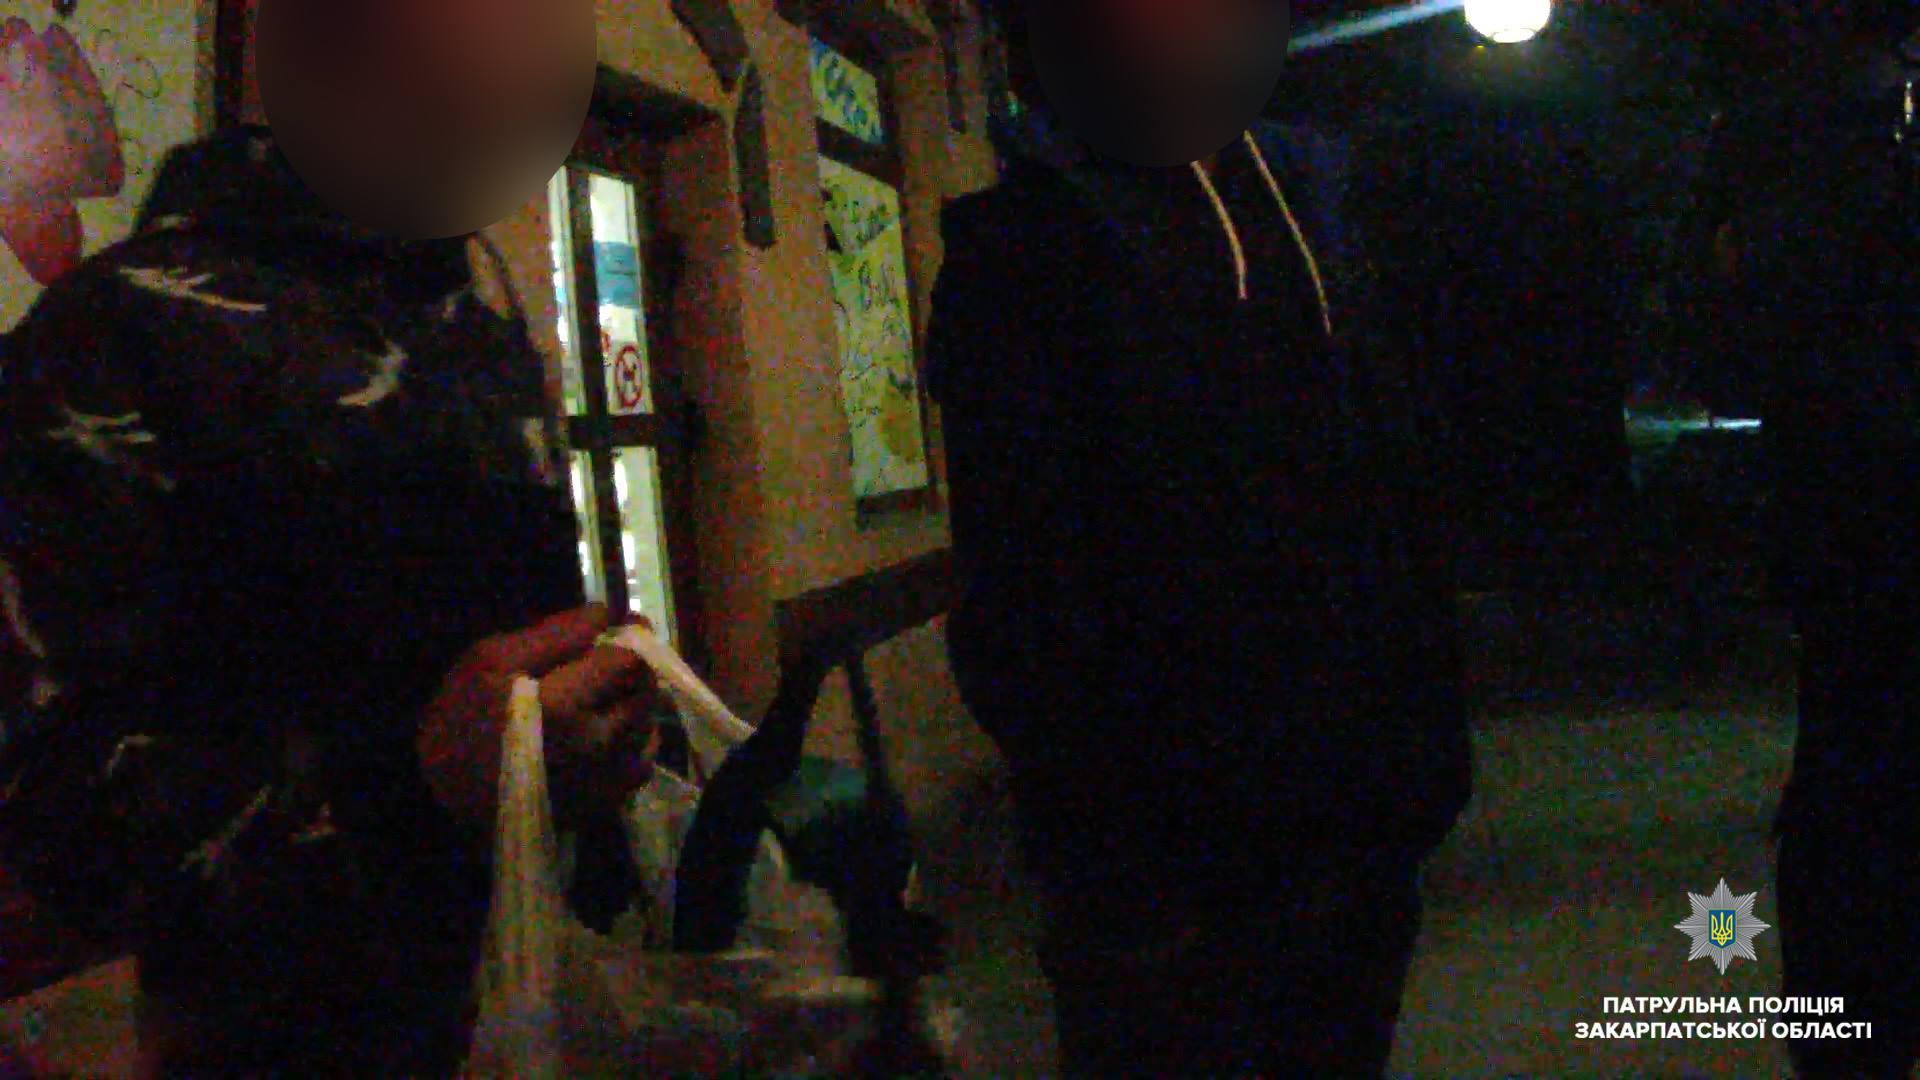 Ужгородські патрульні виявили особу, яка перебувала у розшуку за вчинення кримінального правопорушення